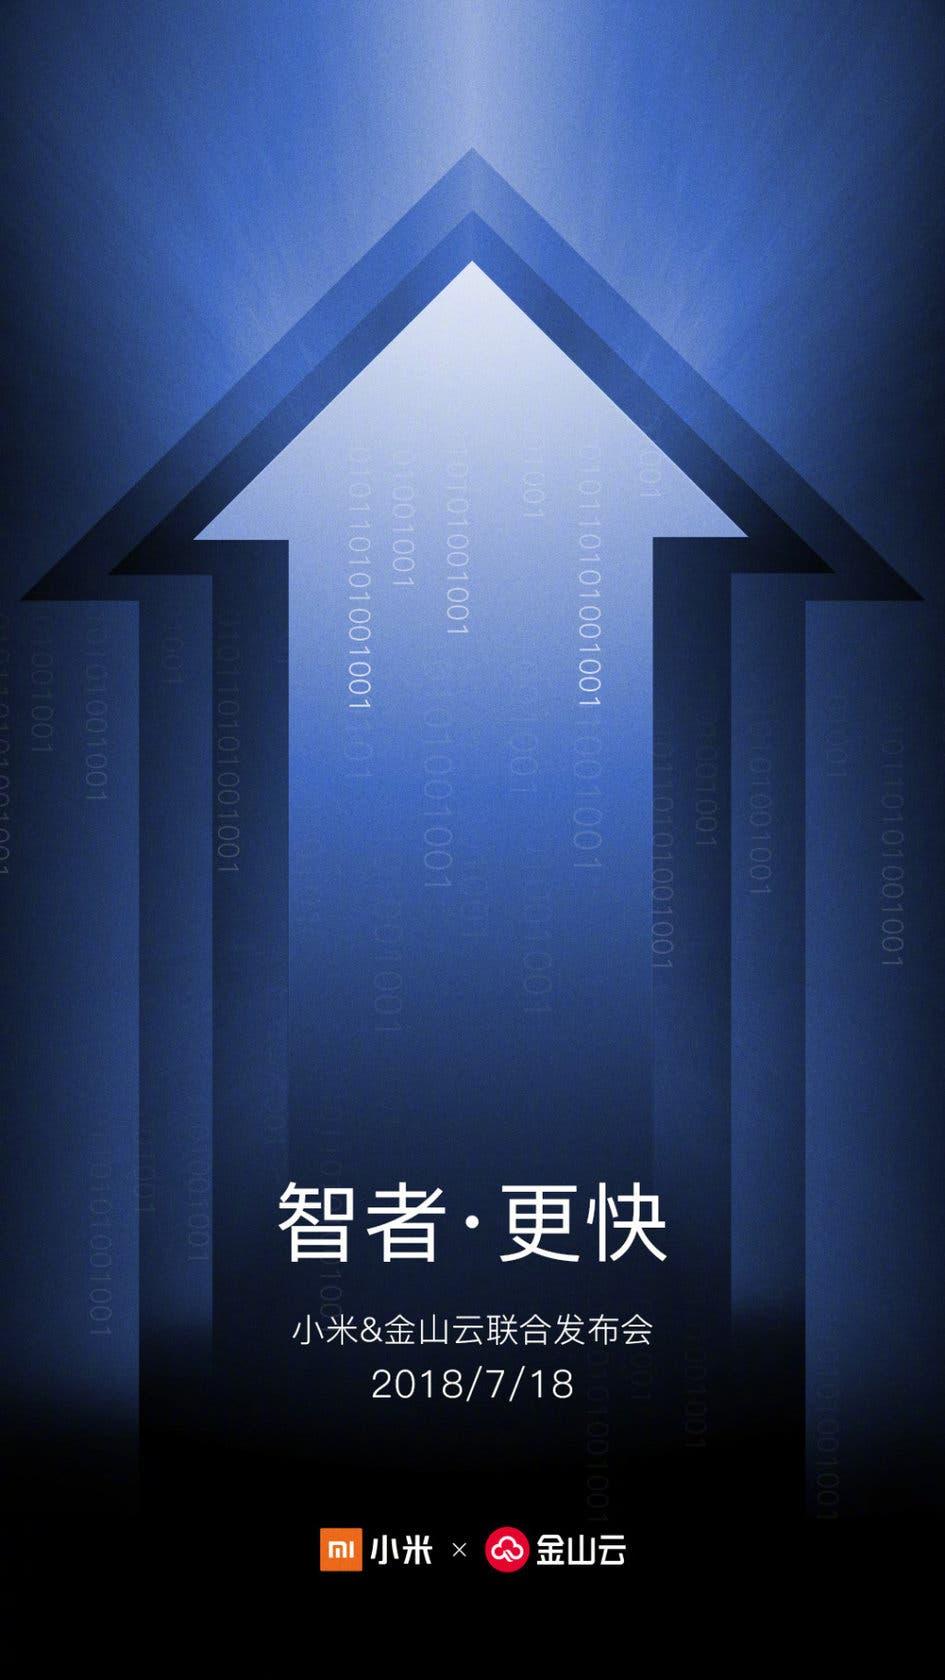 Xiaomi MI Rotuer Jinshan cloud